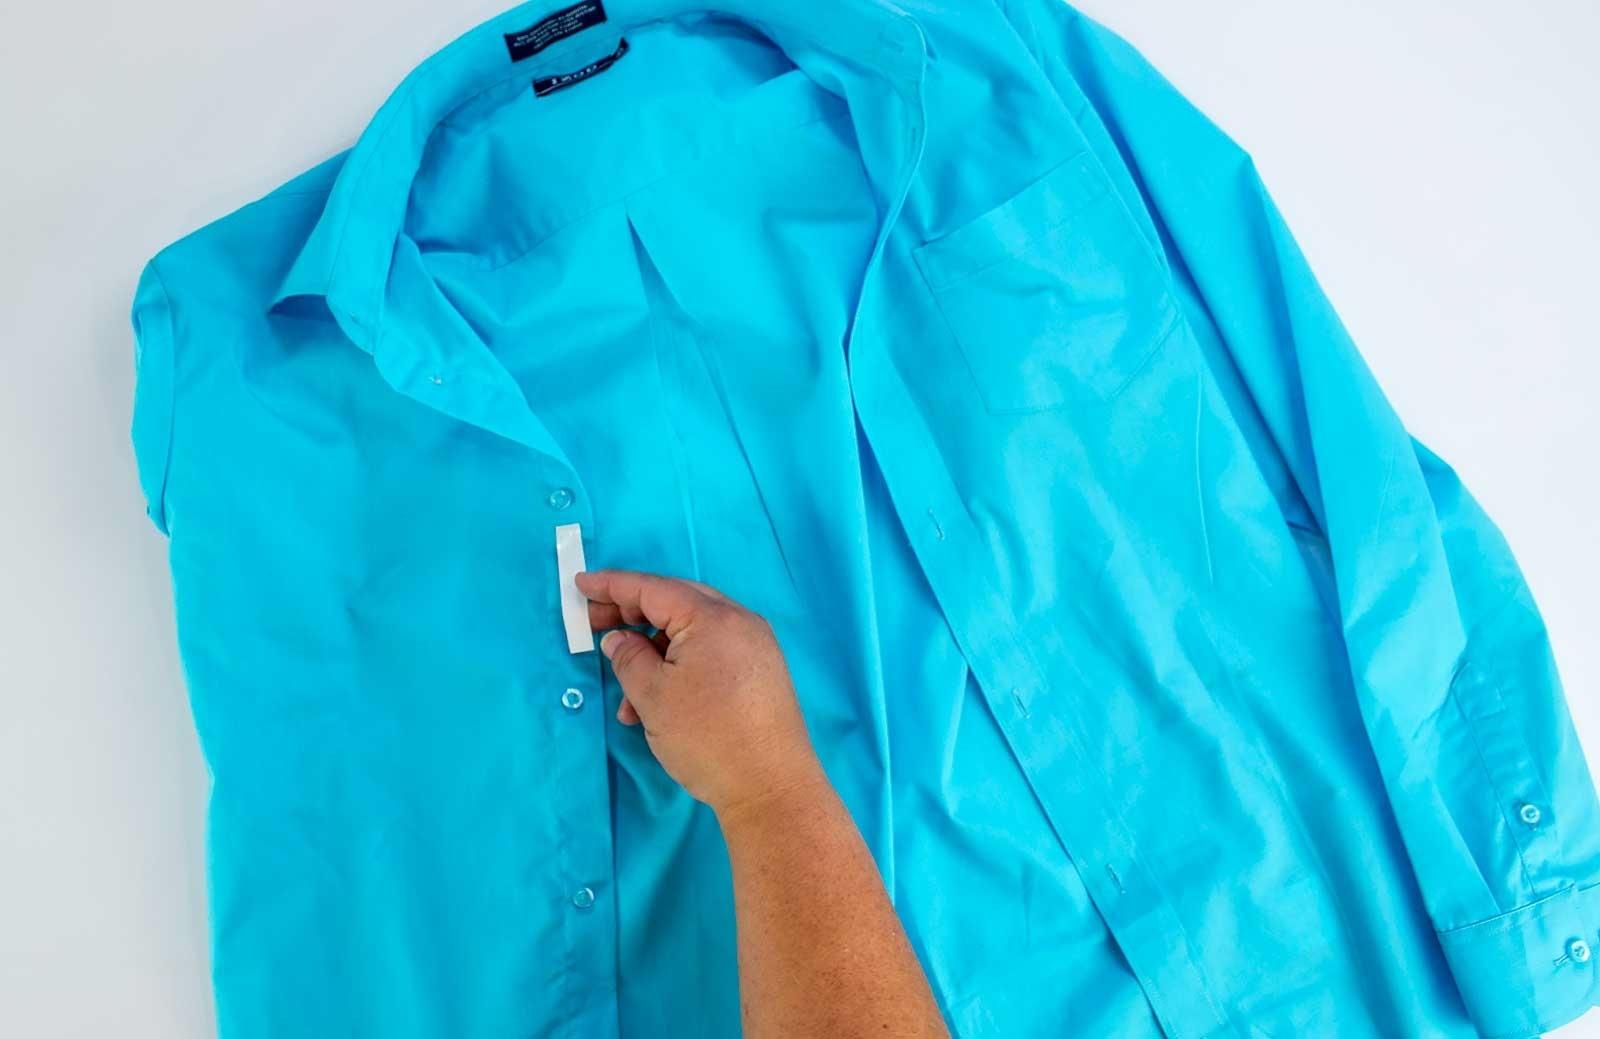 How to Fix a Shirt Gap Step 4